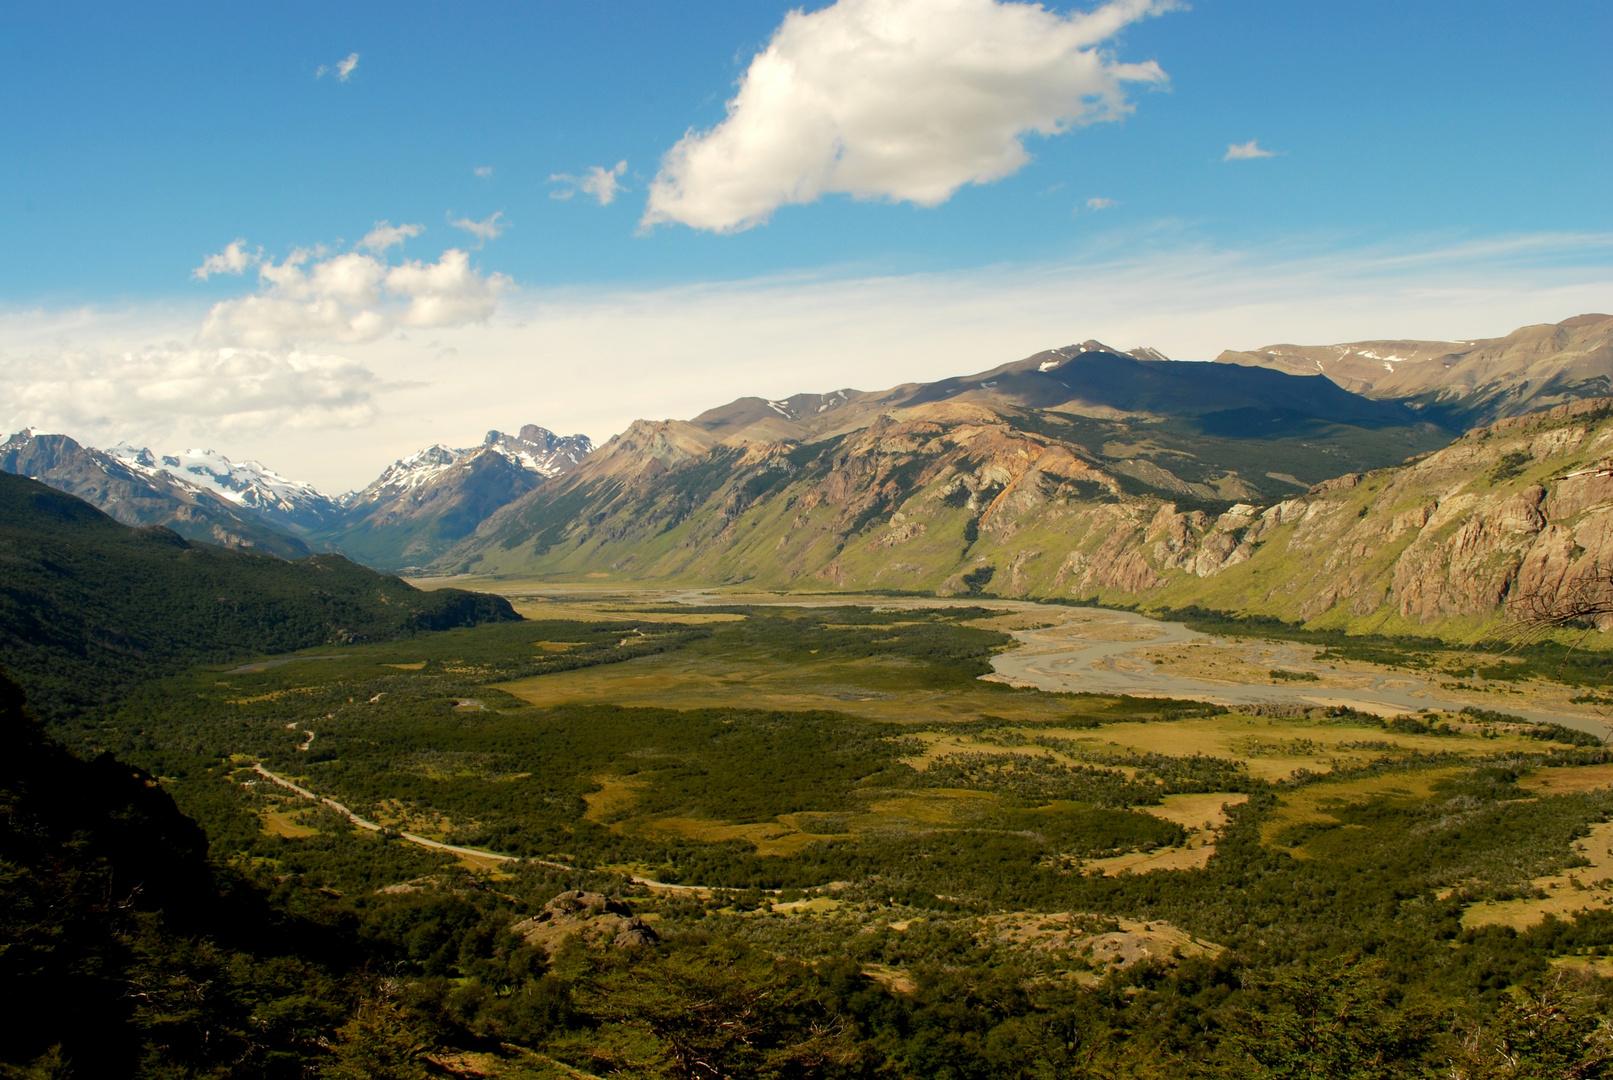 el valle del rio de las vueltas - El Chalten